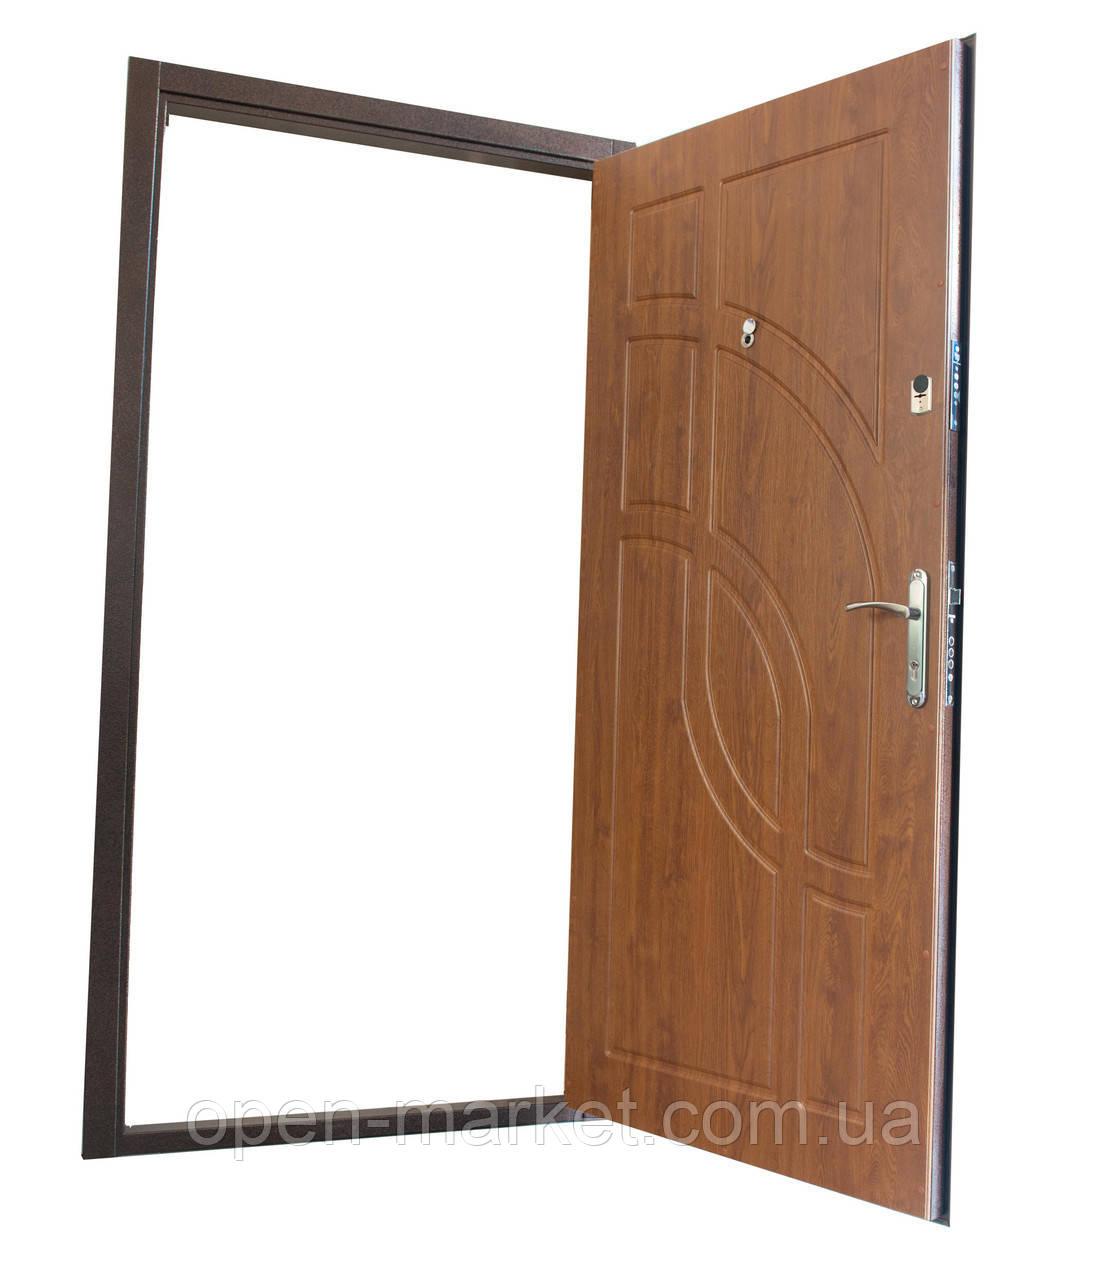 Двери уличные Лупарево Николаевская область